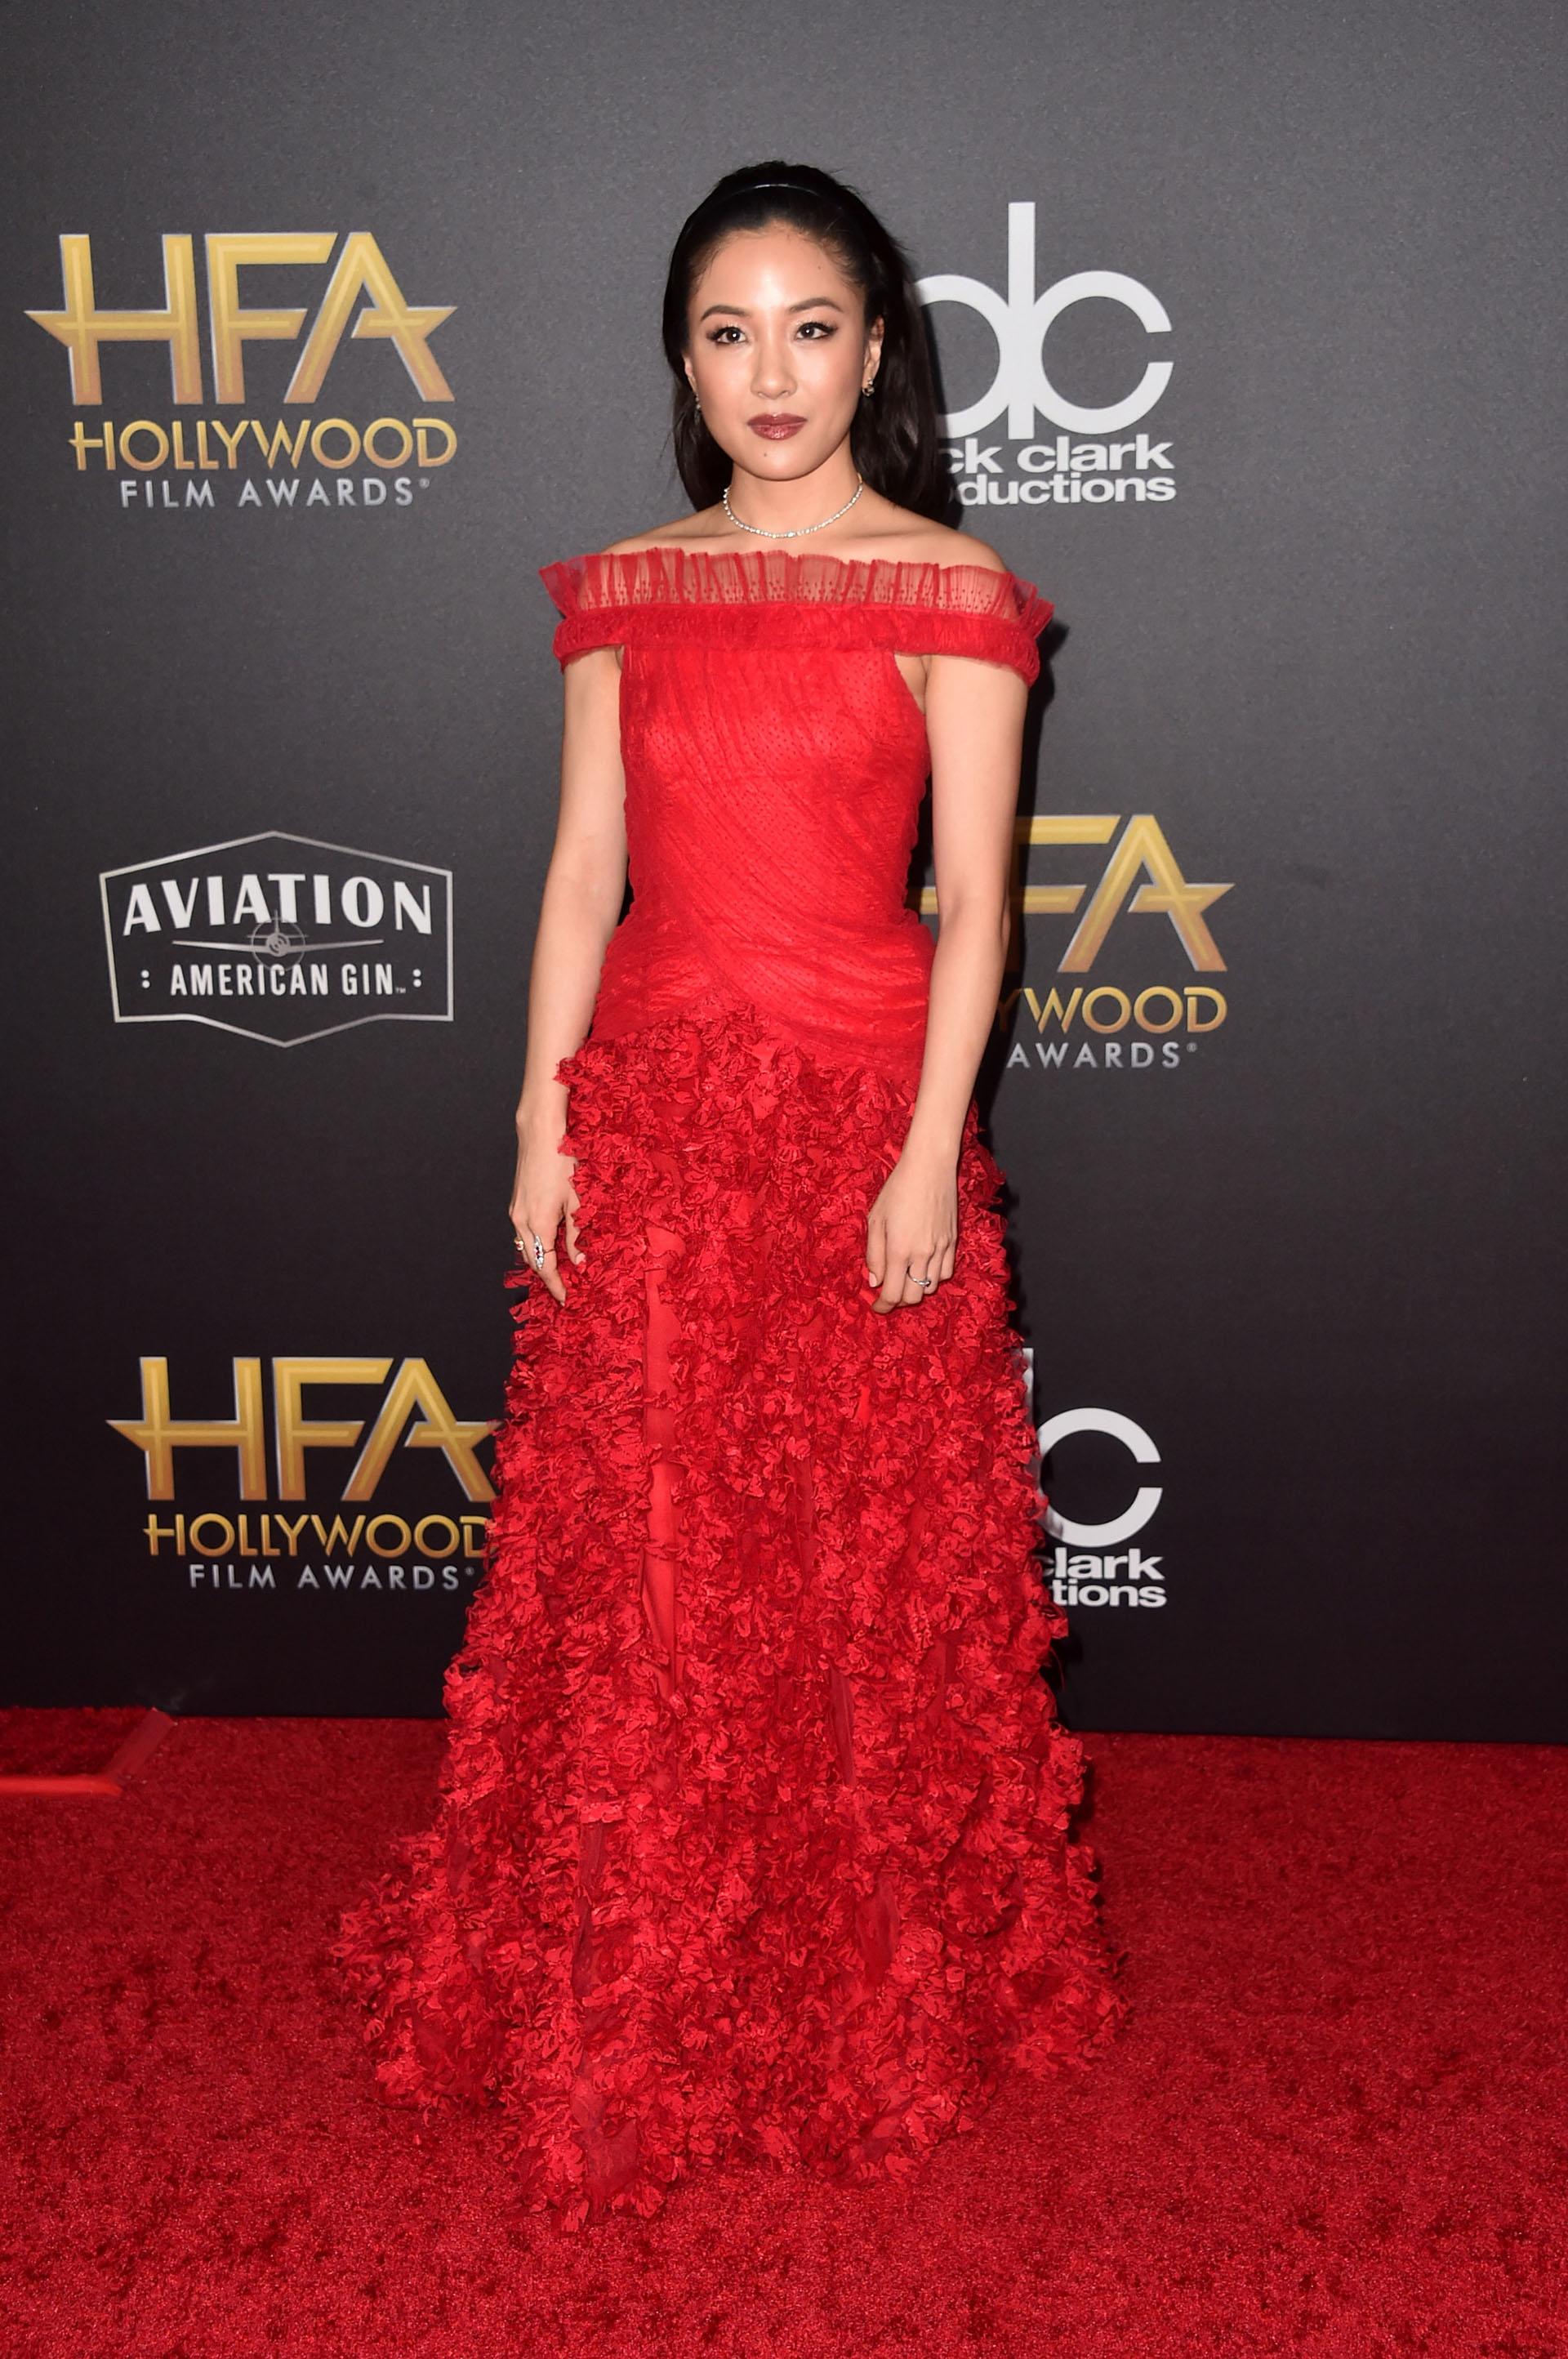 El fabuloso vestido de Constance Wu